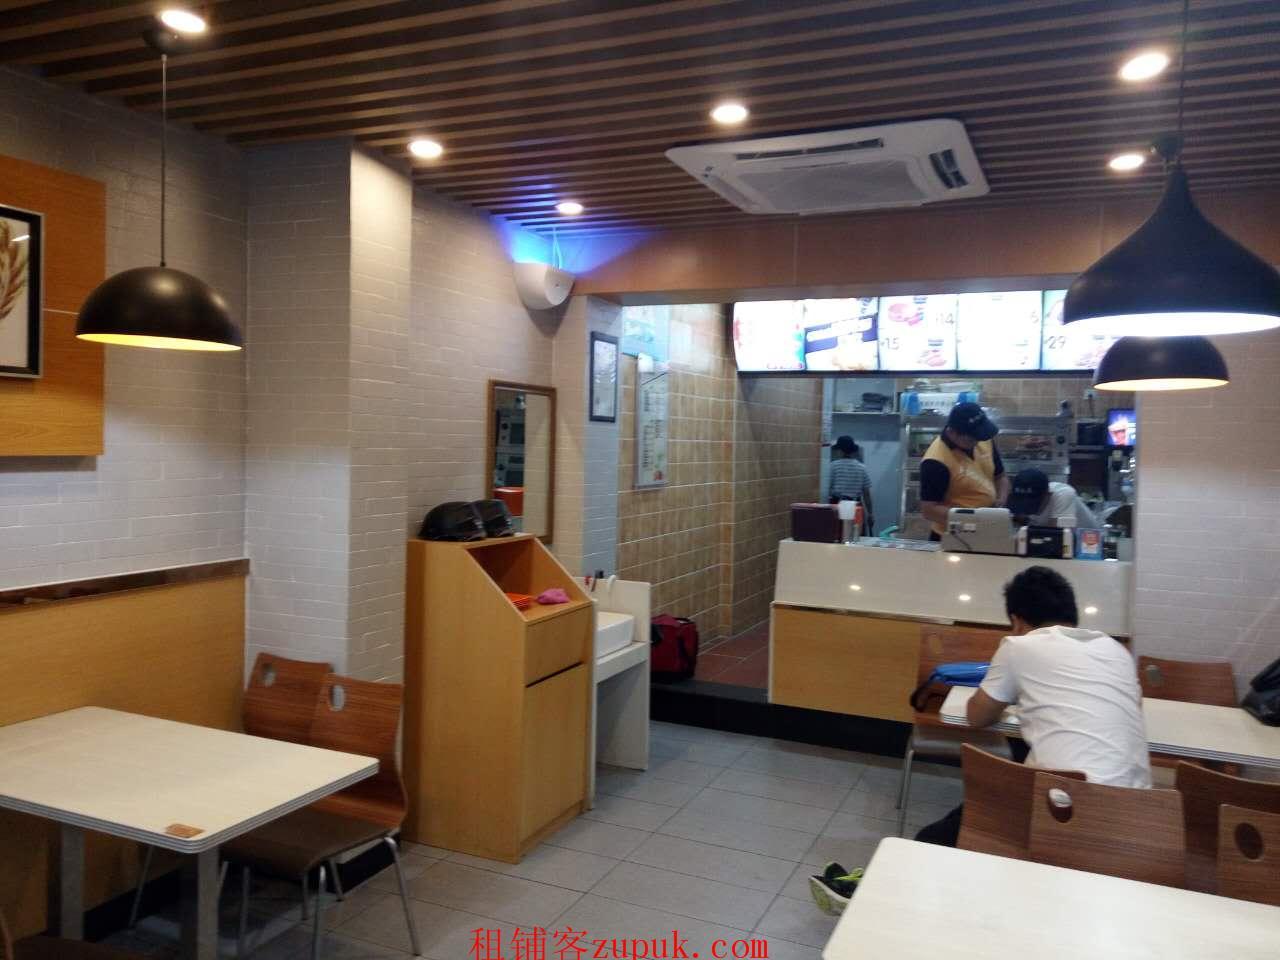 中学旁汉堡奶茶快餐店整体转让